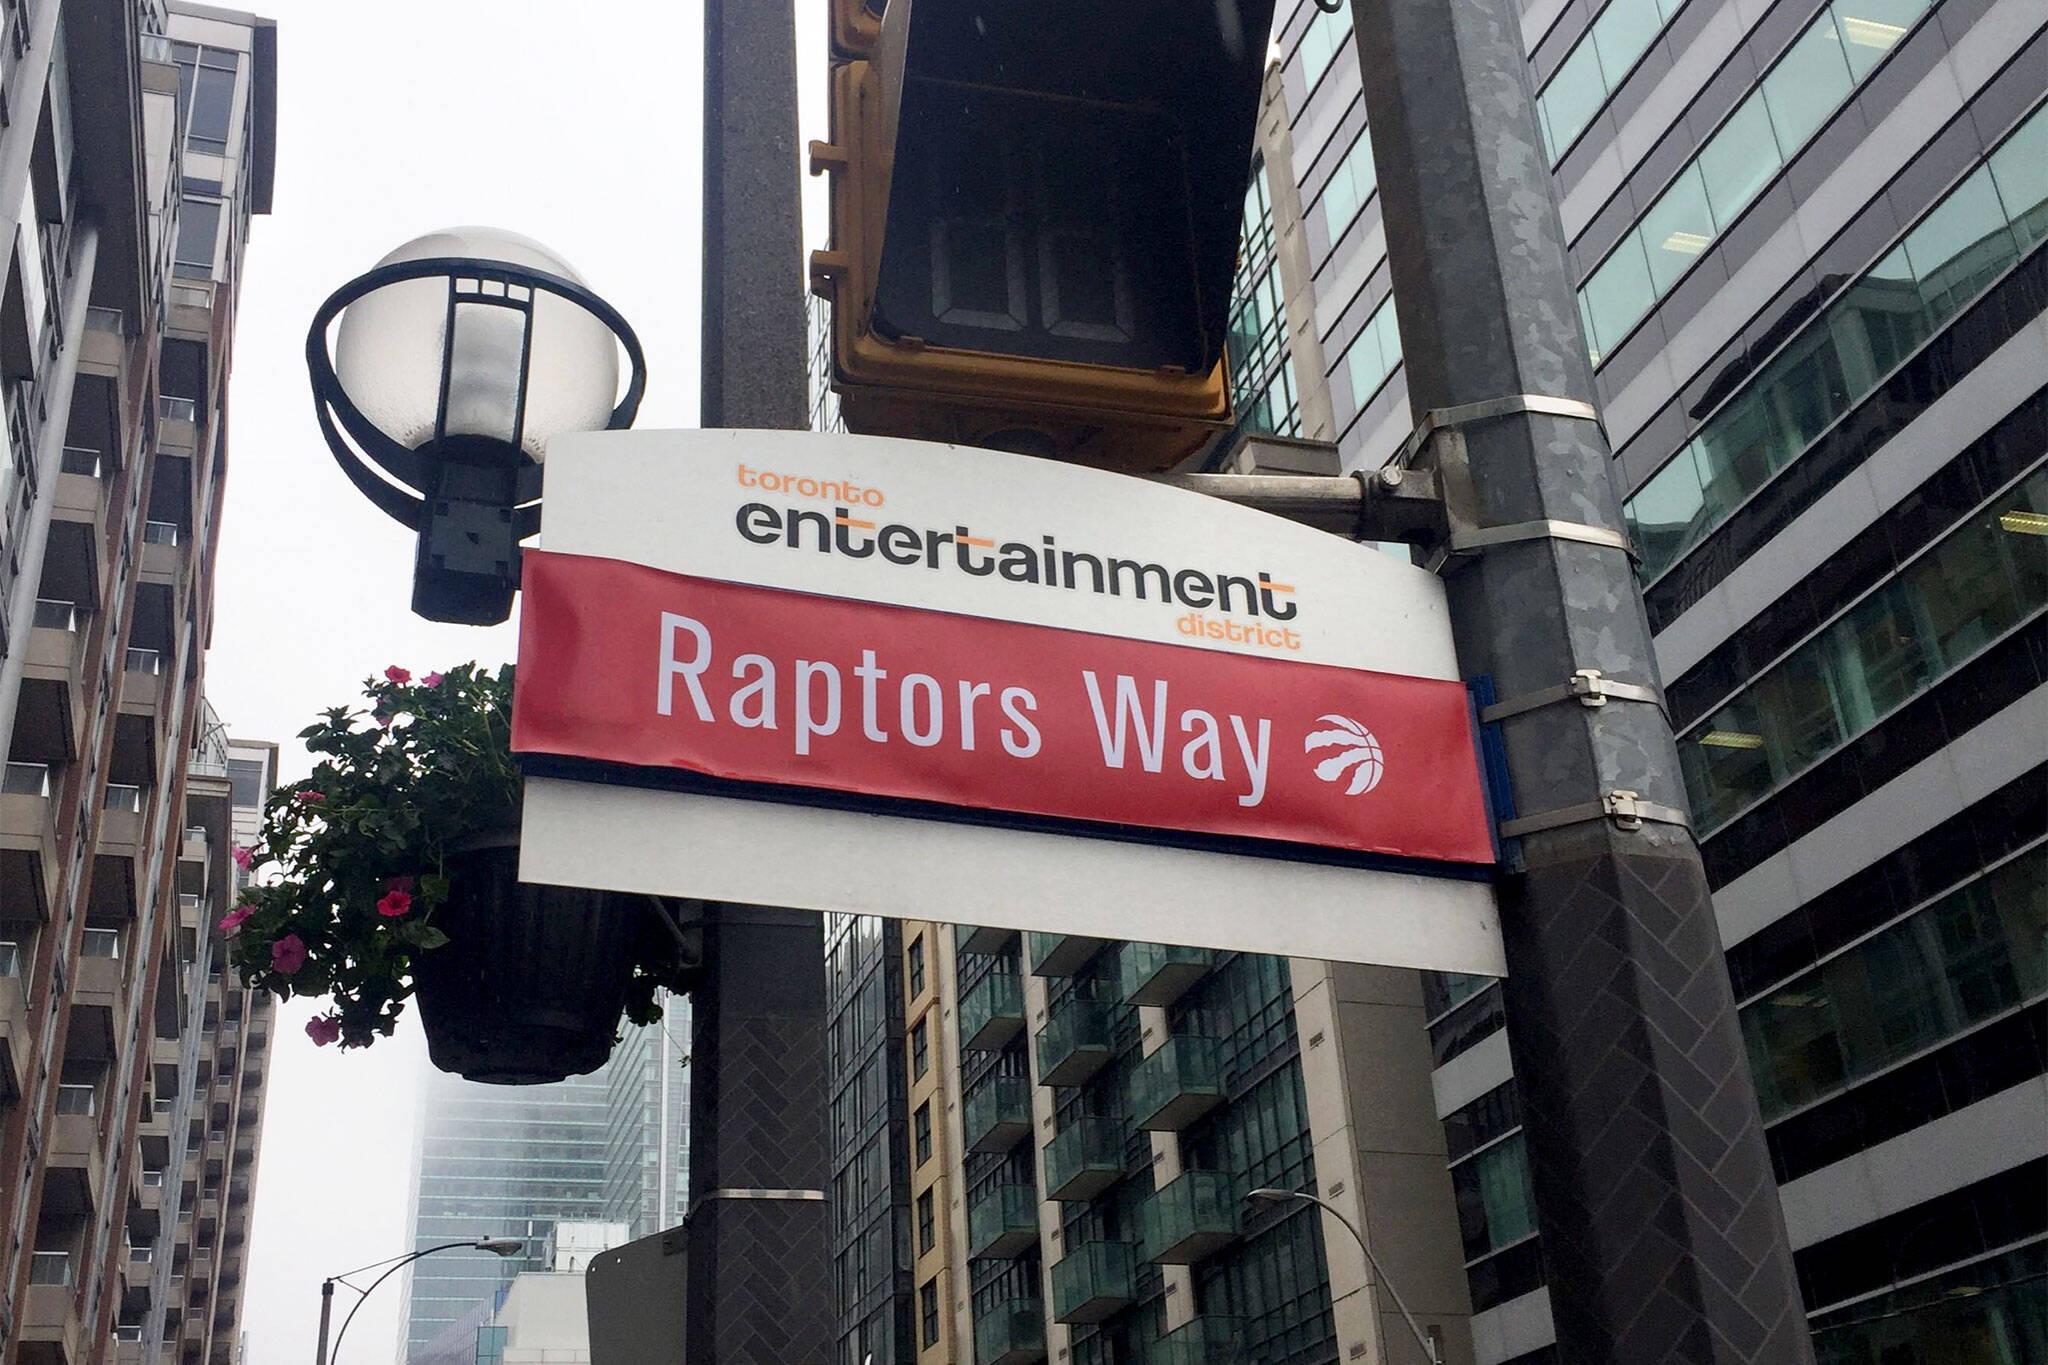 raptors way